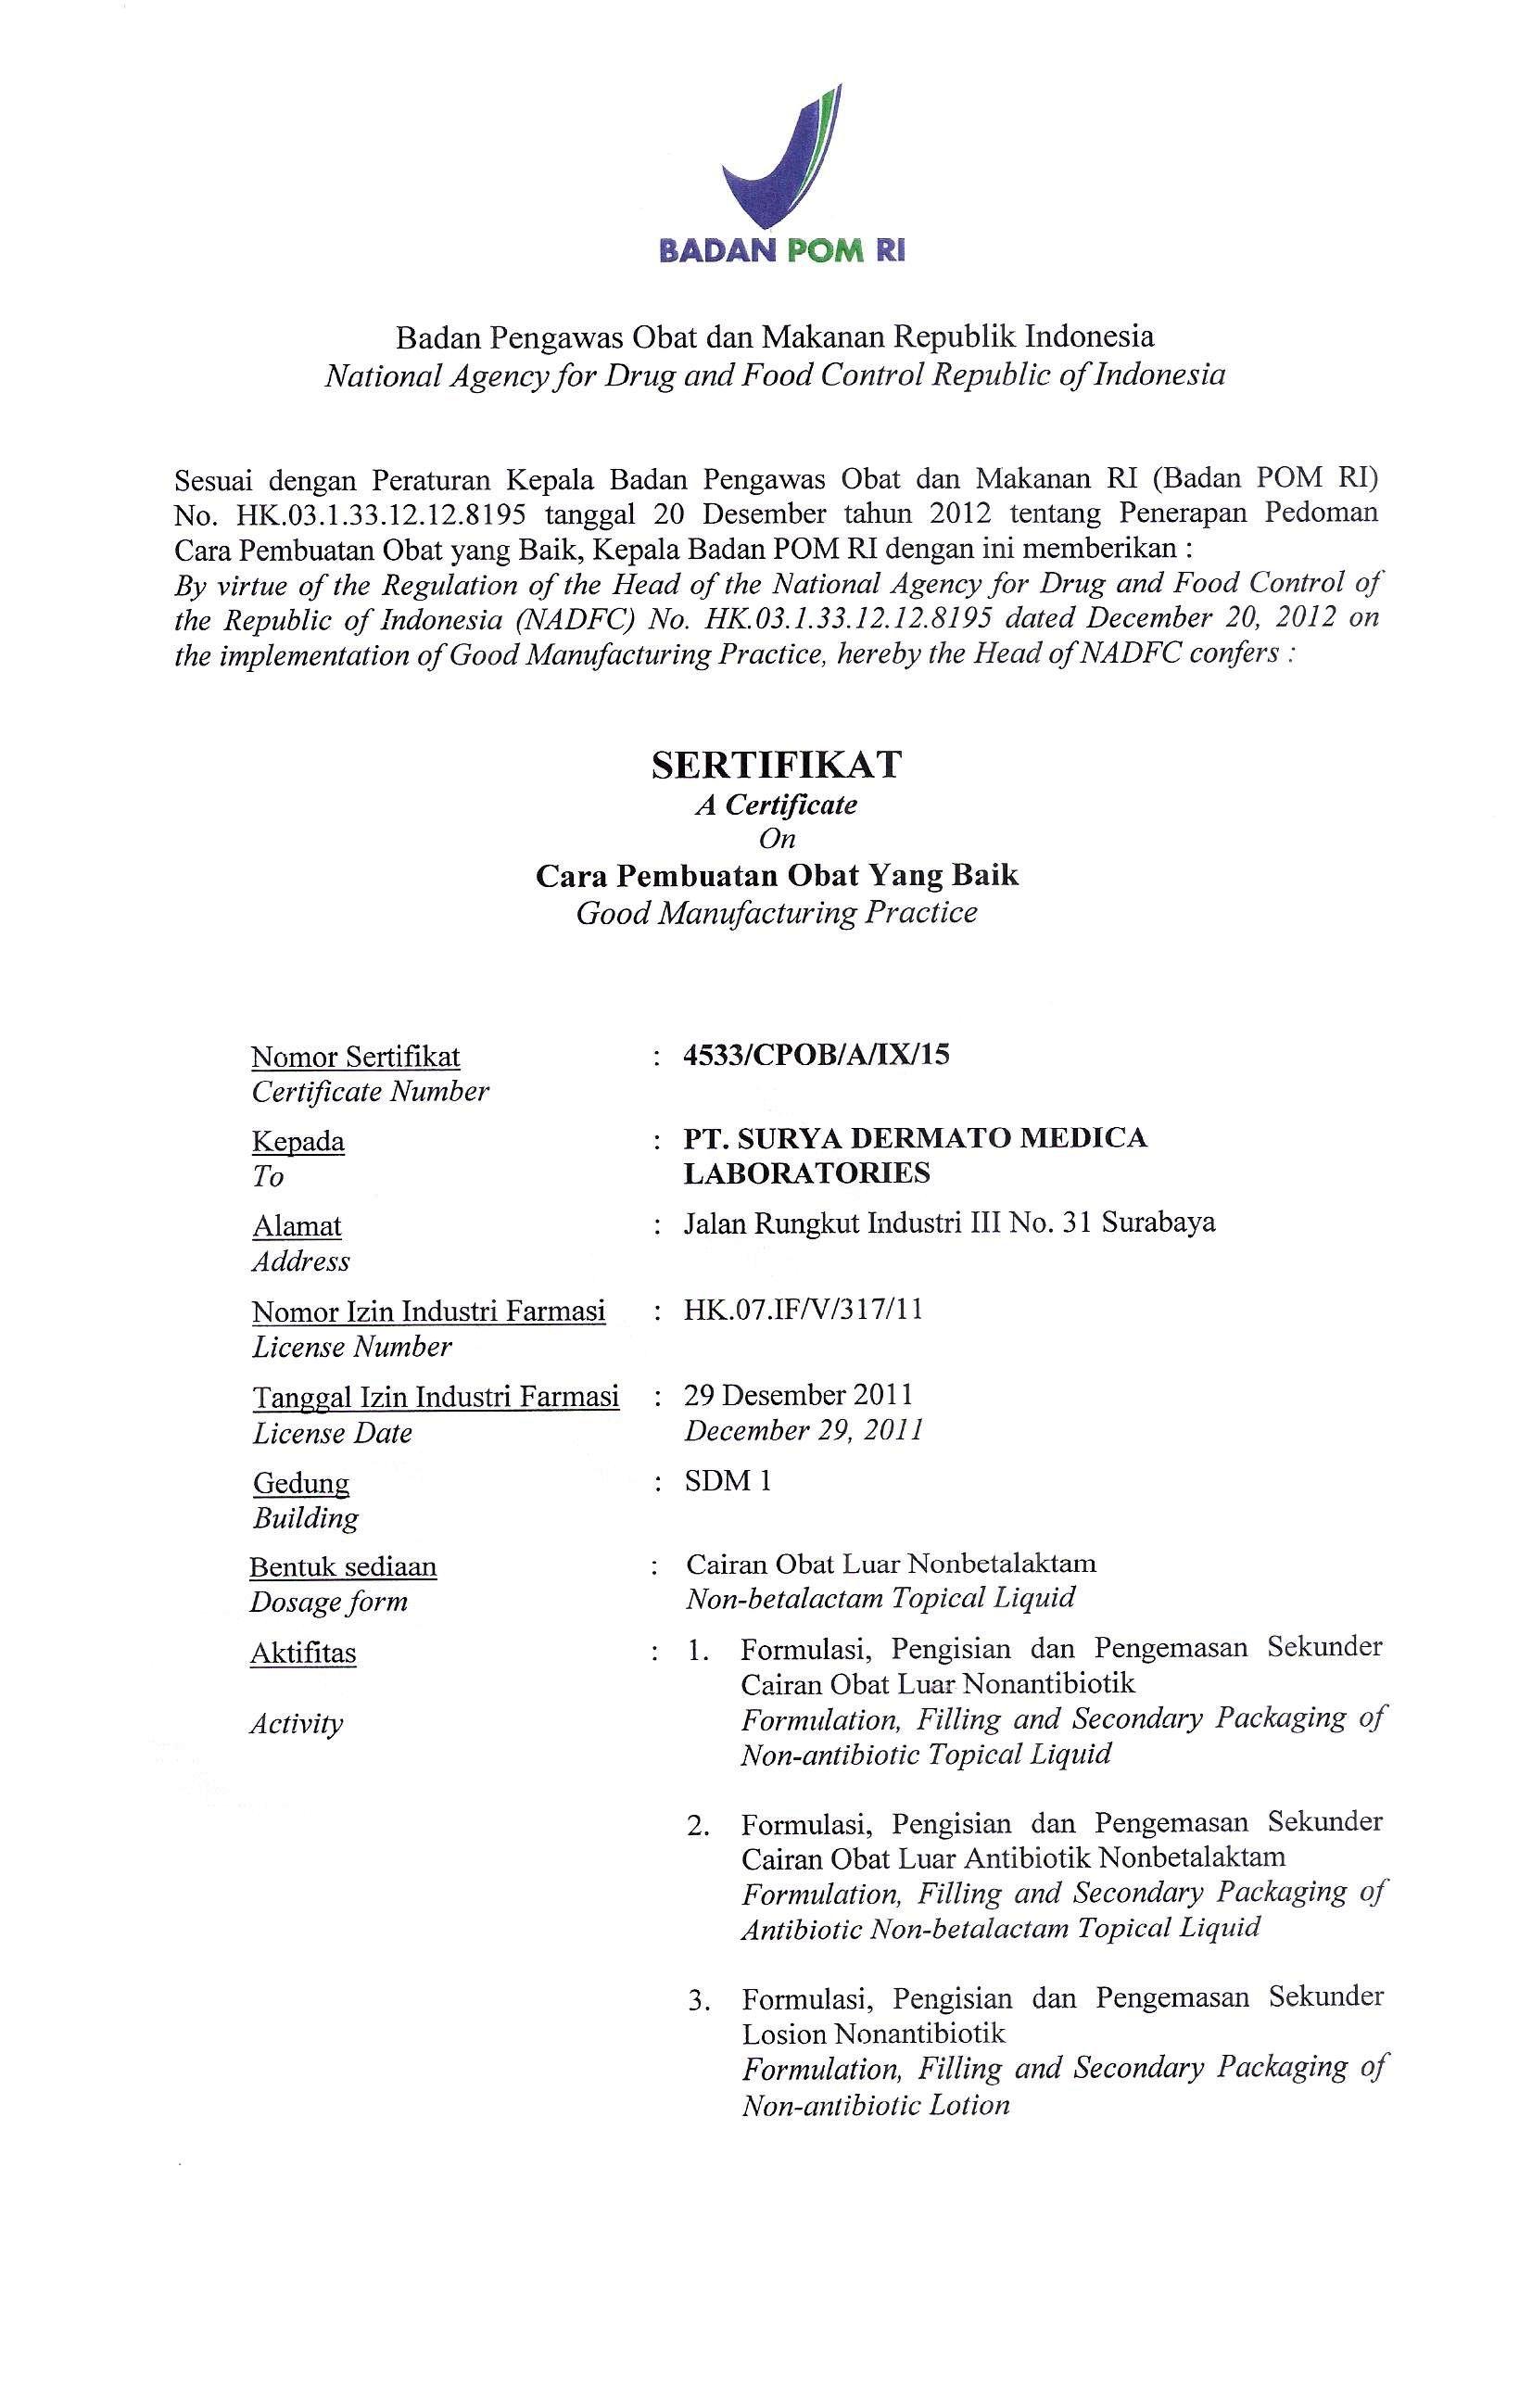 cpob-cairan-obat-luar-nonbetalaktam-sdm-1_page_1